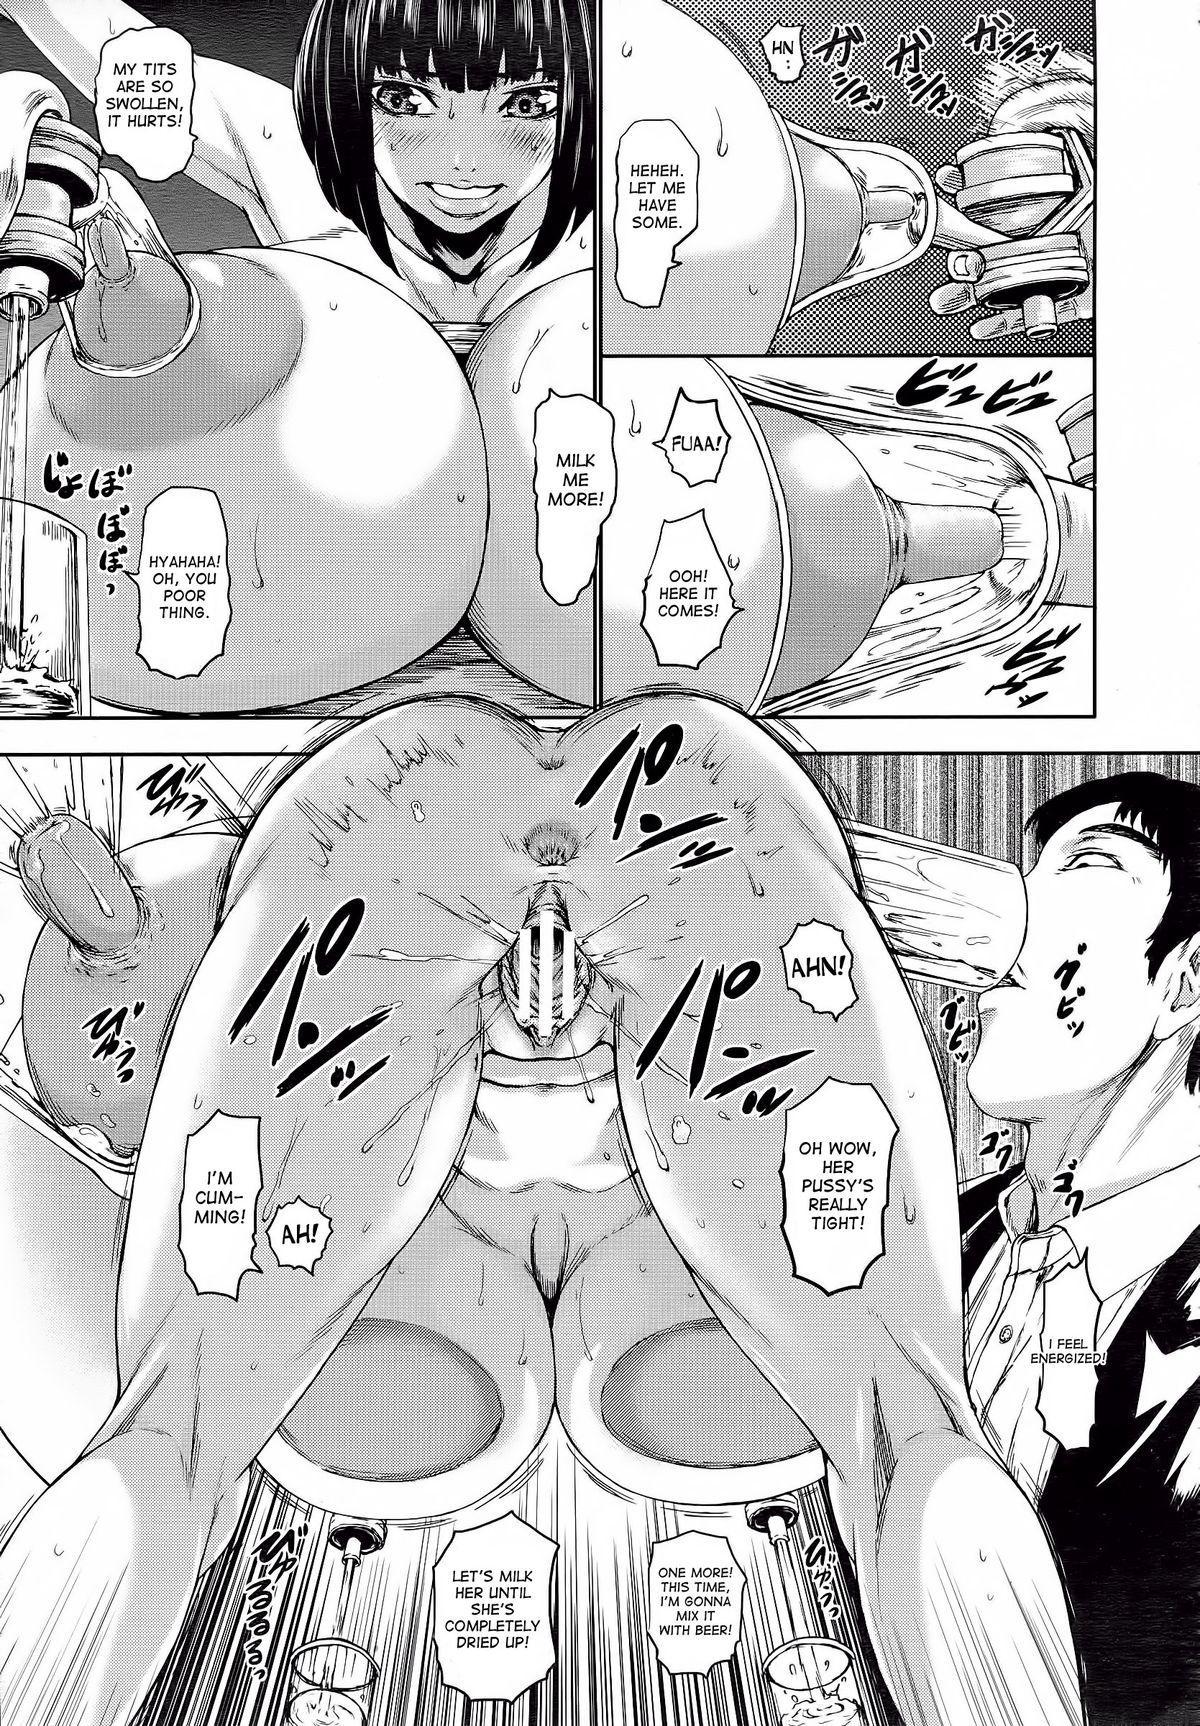 [PIero] Kuroyuki ~Inniku Sakunyuu Jigoku~ Kouhen | Black Snow ~The Depraved Cow-milking Hell~ part 2 (ANGEL Club 2015-05) [English] [desudesu] 10